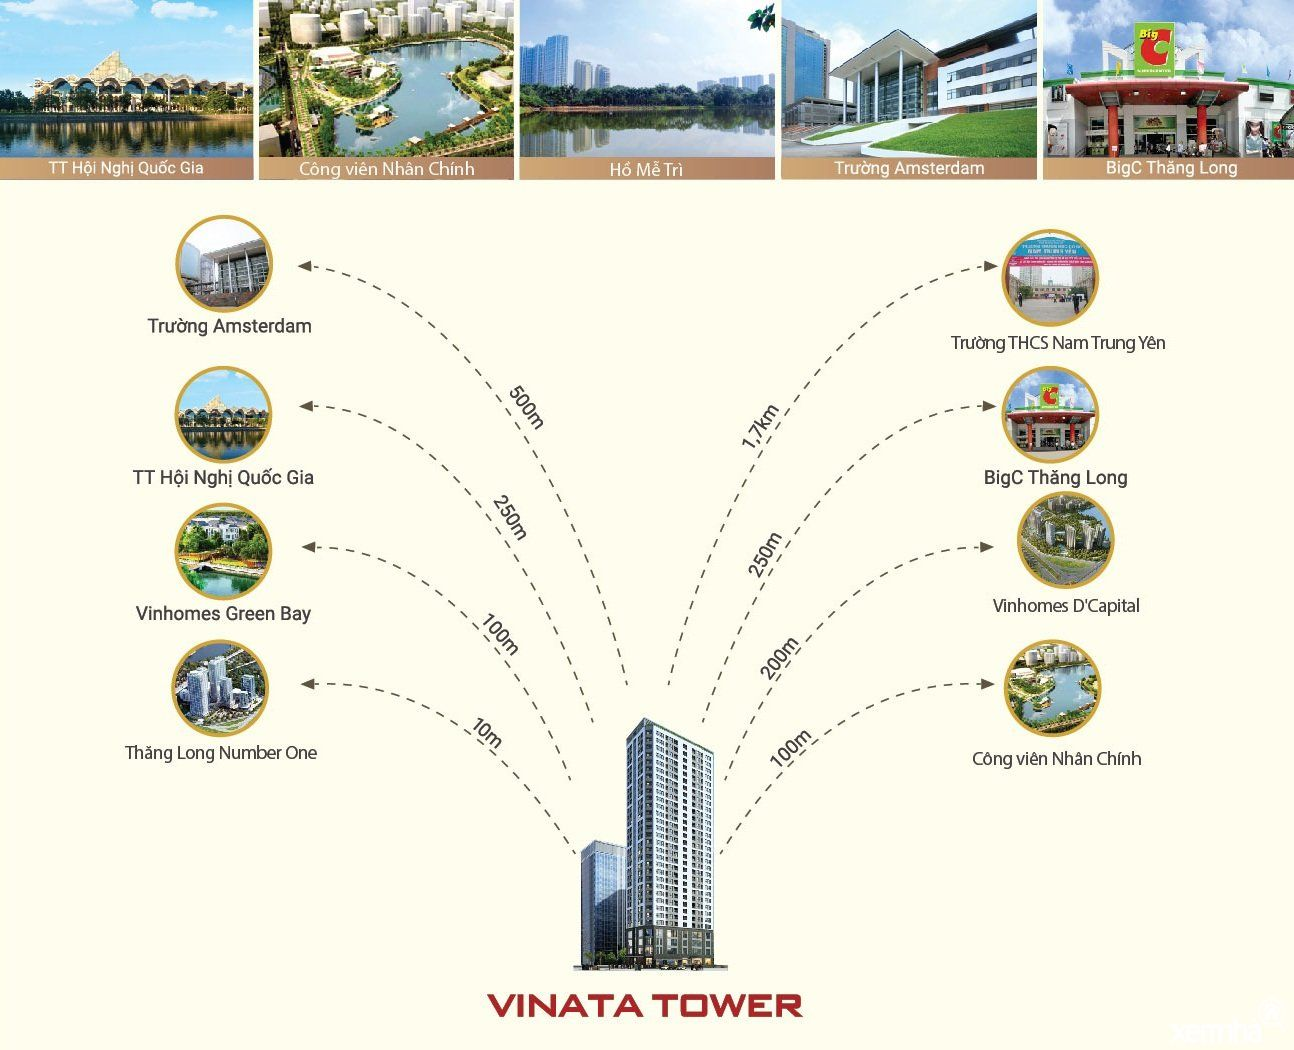 Liên kết vùng của Vinatower